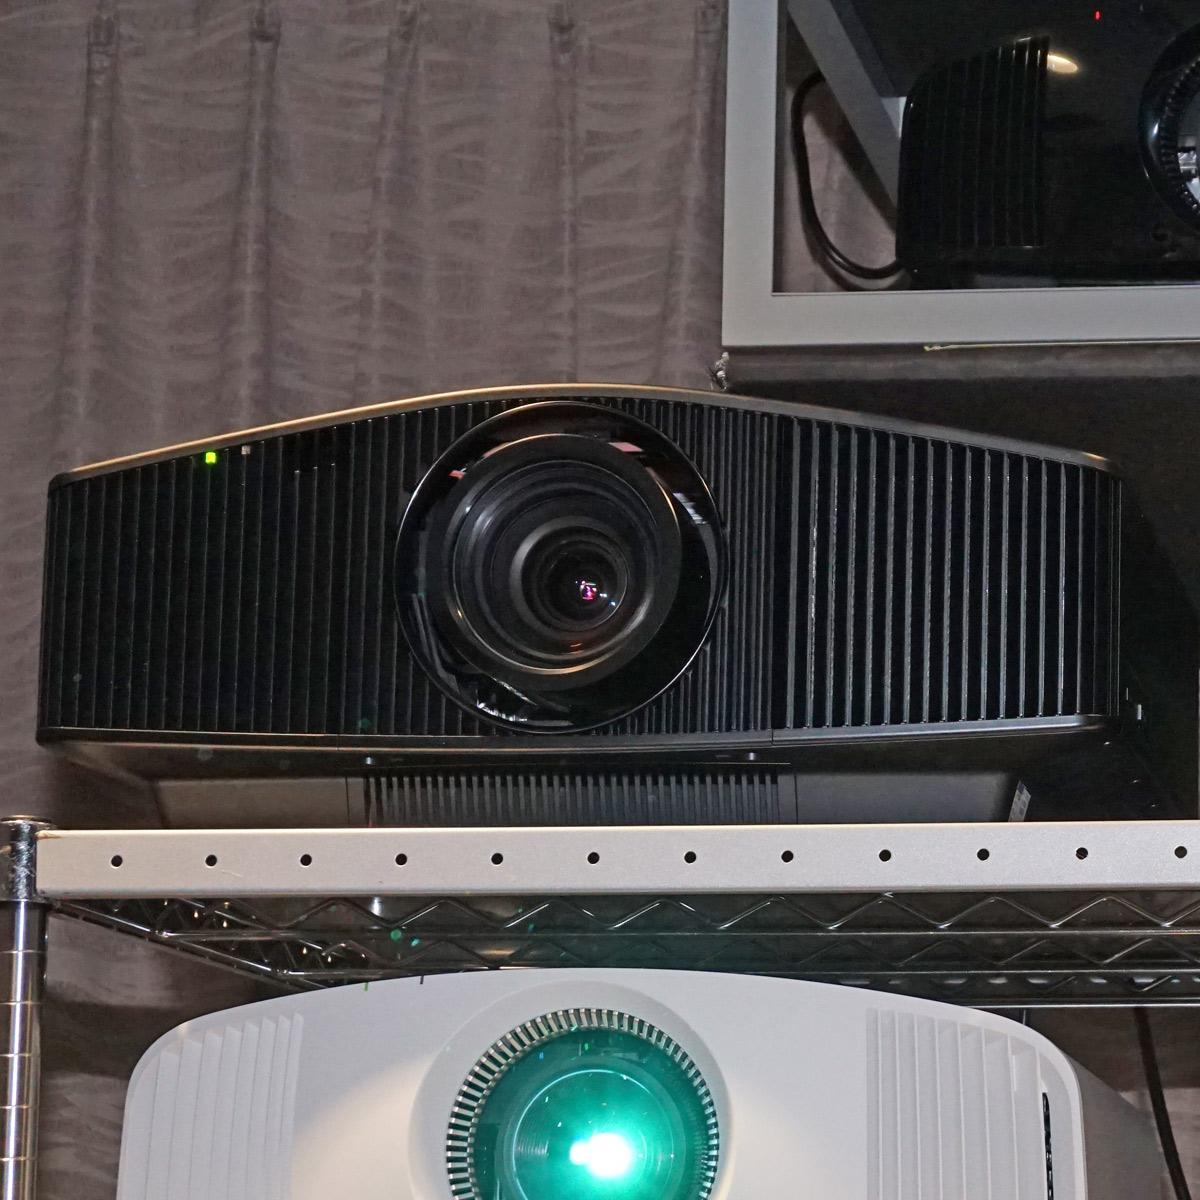 お値段300万円! ソニーのハイエンド4Kプロジェクター「VPL-VW855」はレンズが違う